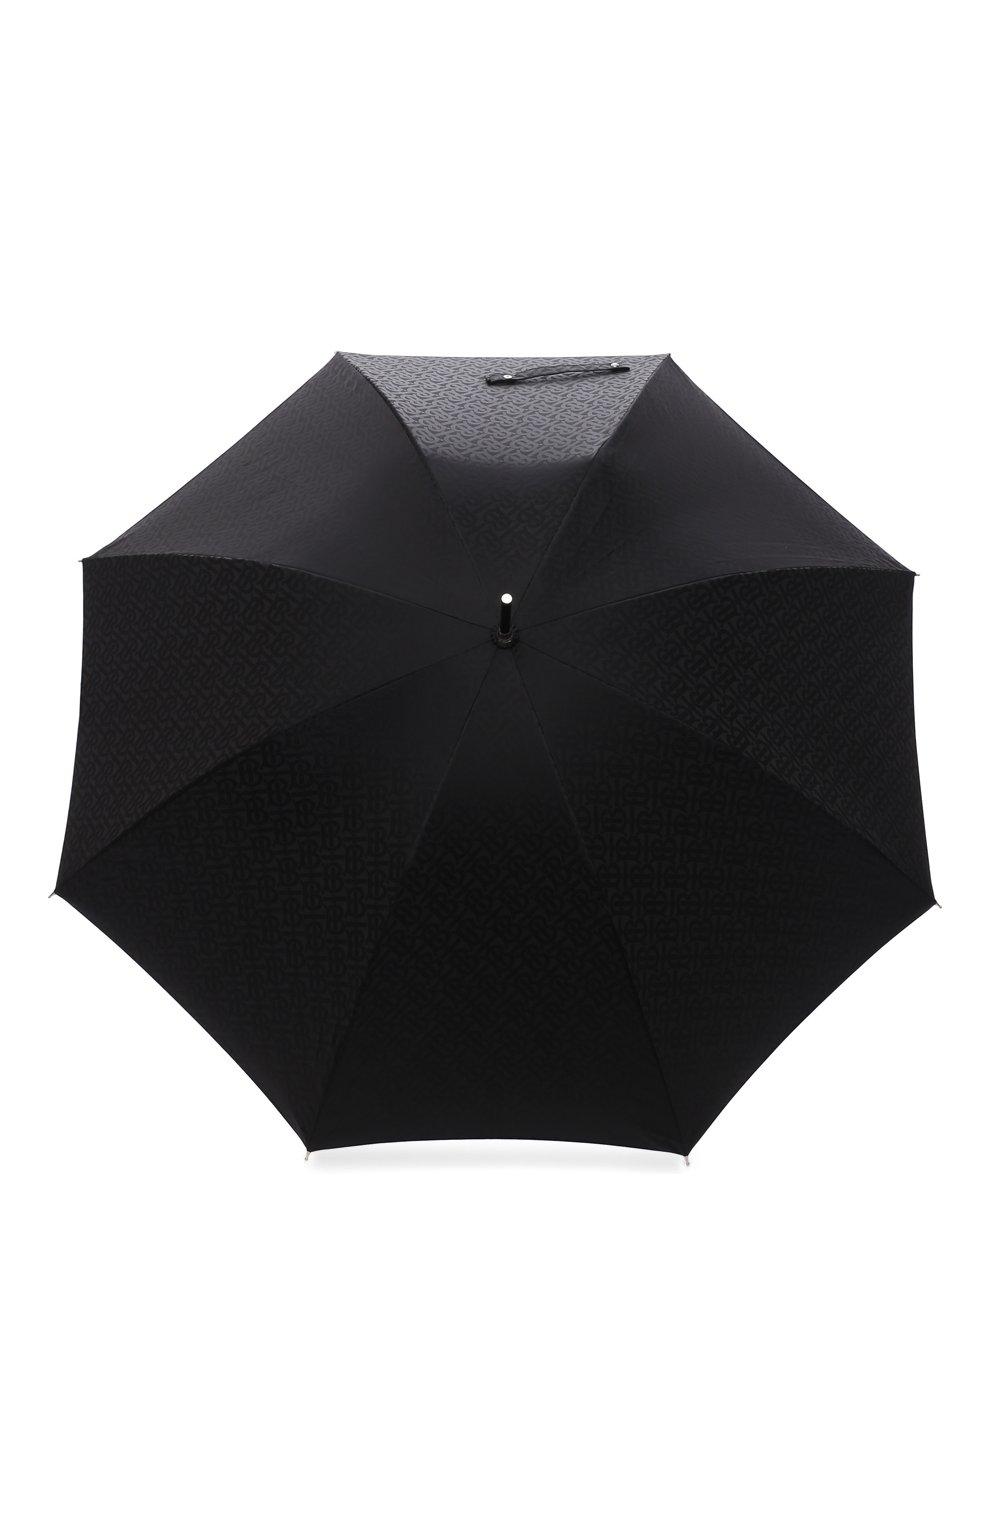 Мужской зонт-трость BURBERRY черного цвета, арт. 8025469   Фото 1 (Материал: Текстиль, Синтетический материал, Металл)